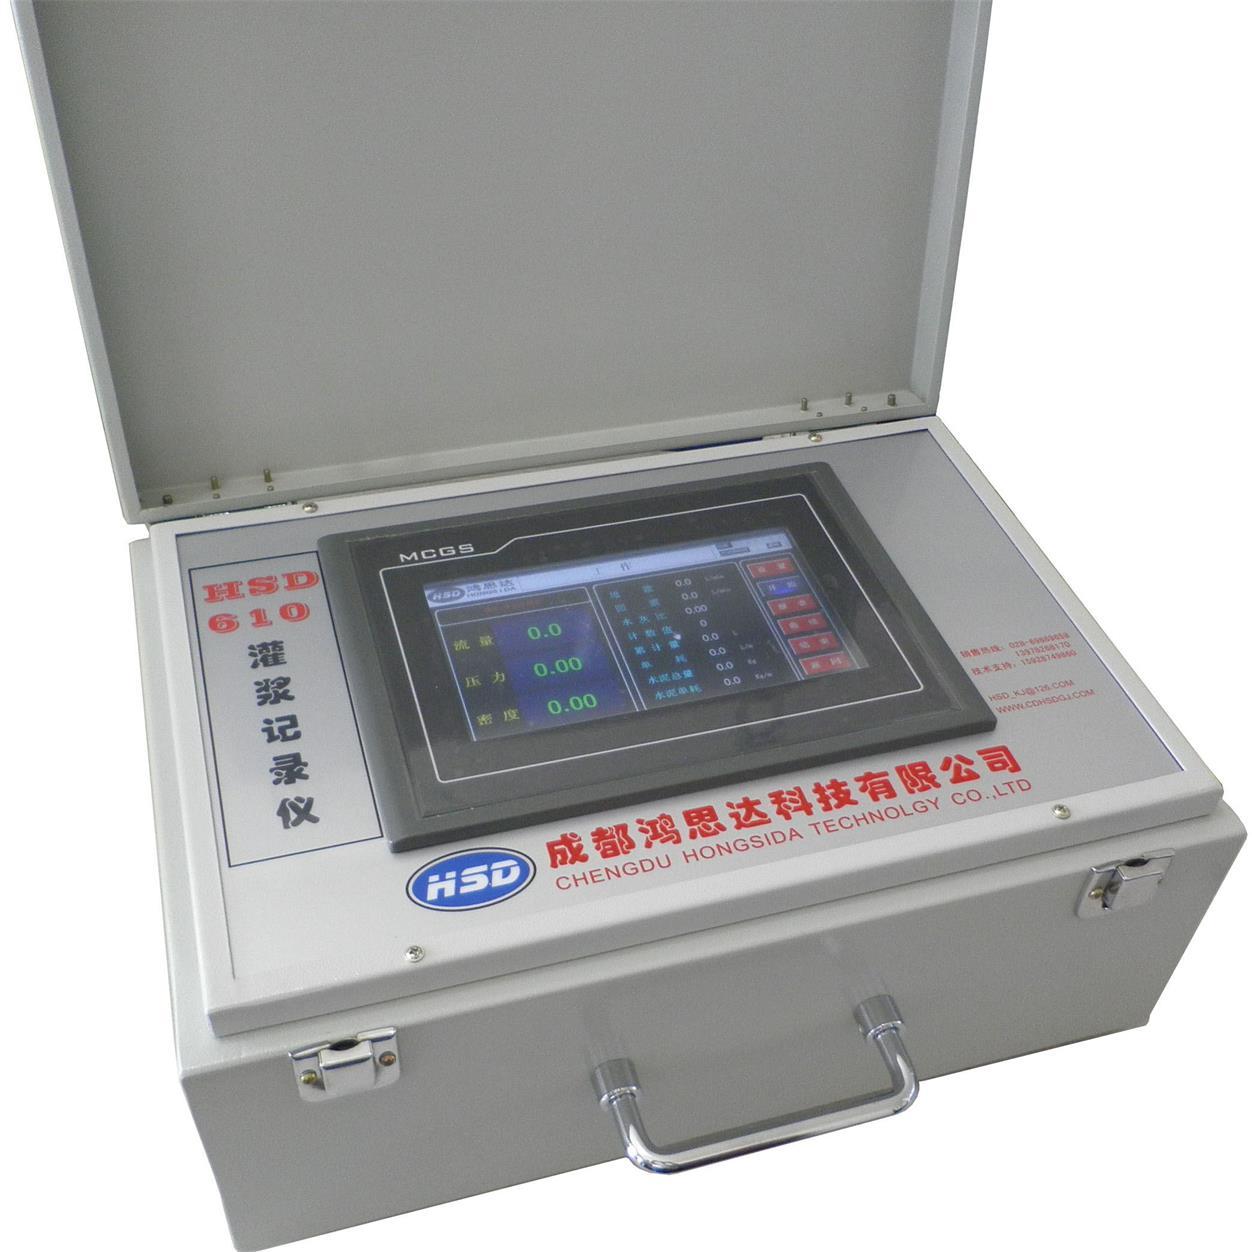 成都灌浆记录仪的应用优势和发展过程